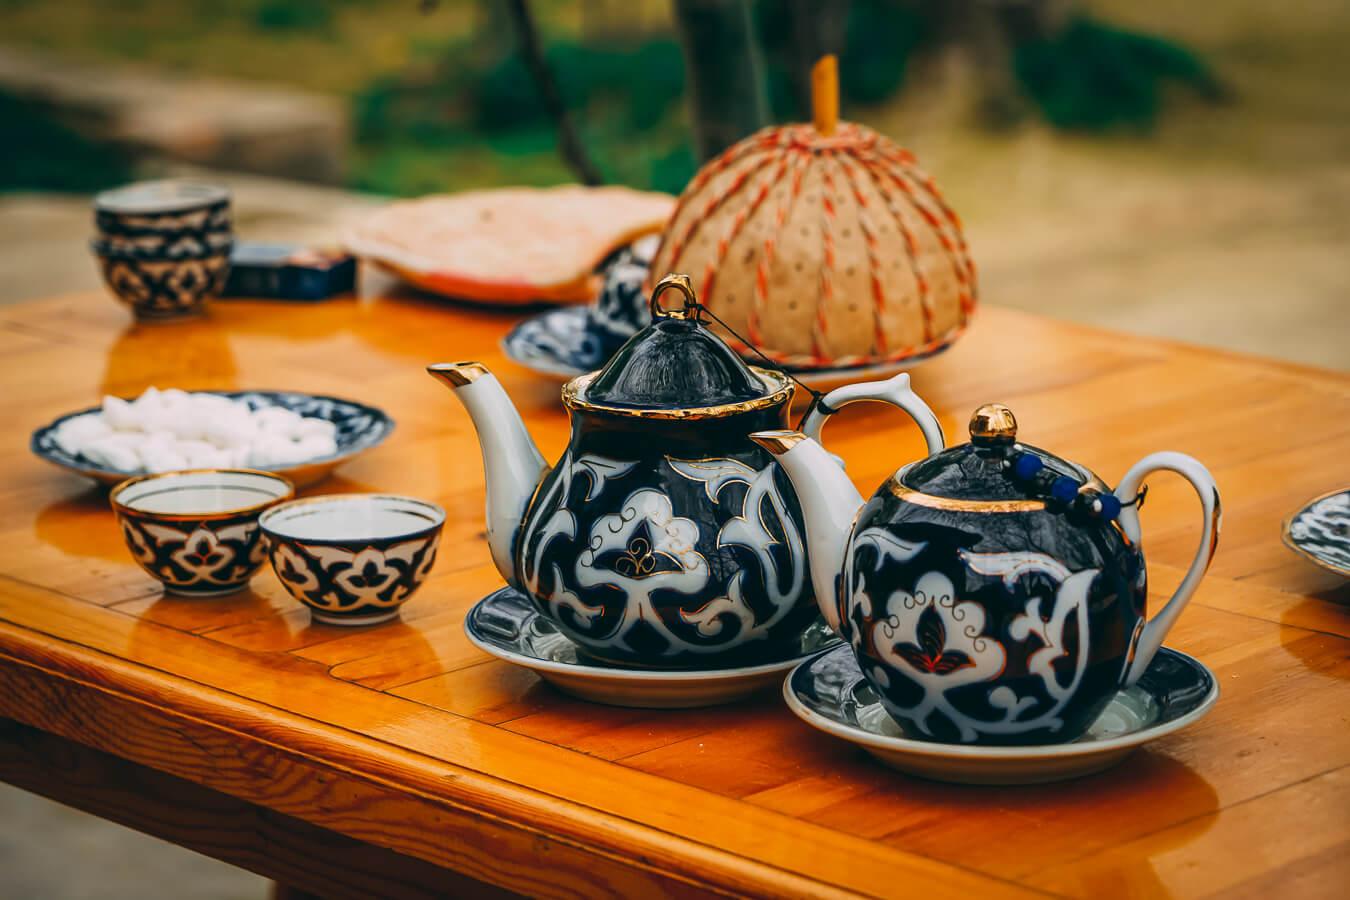 Tea set in Uzbekistan